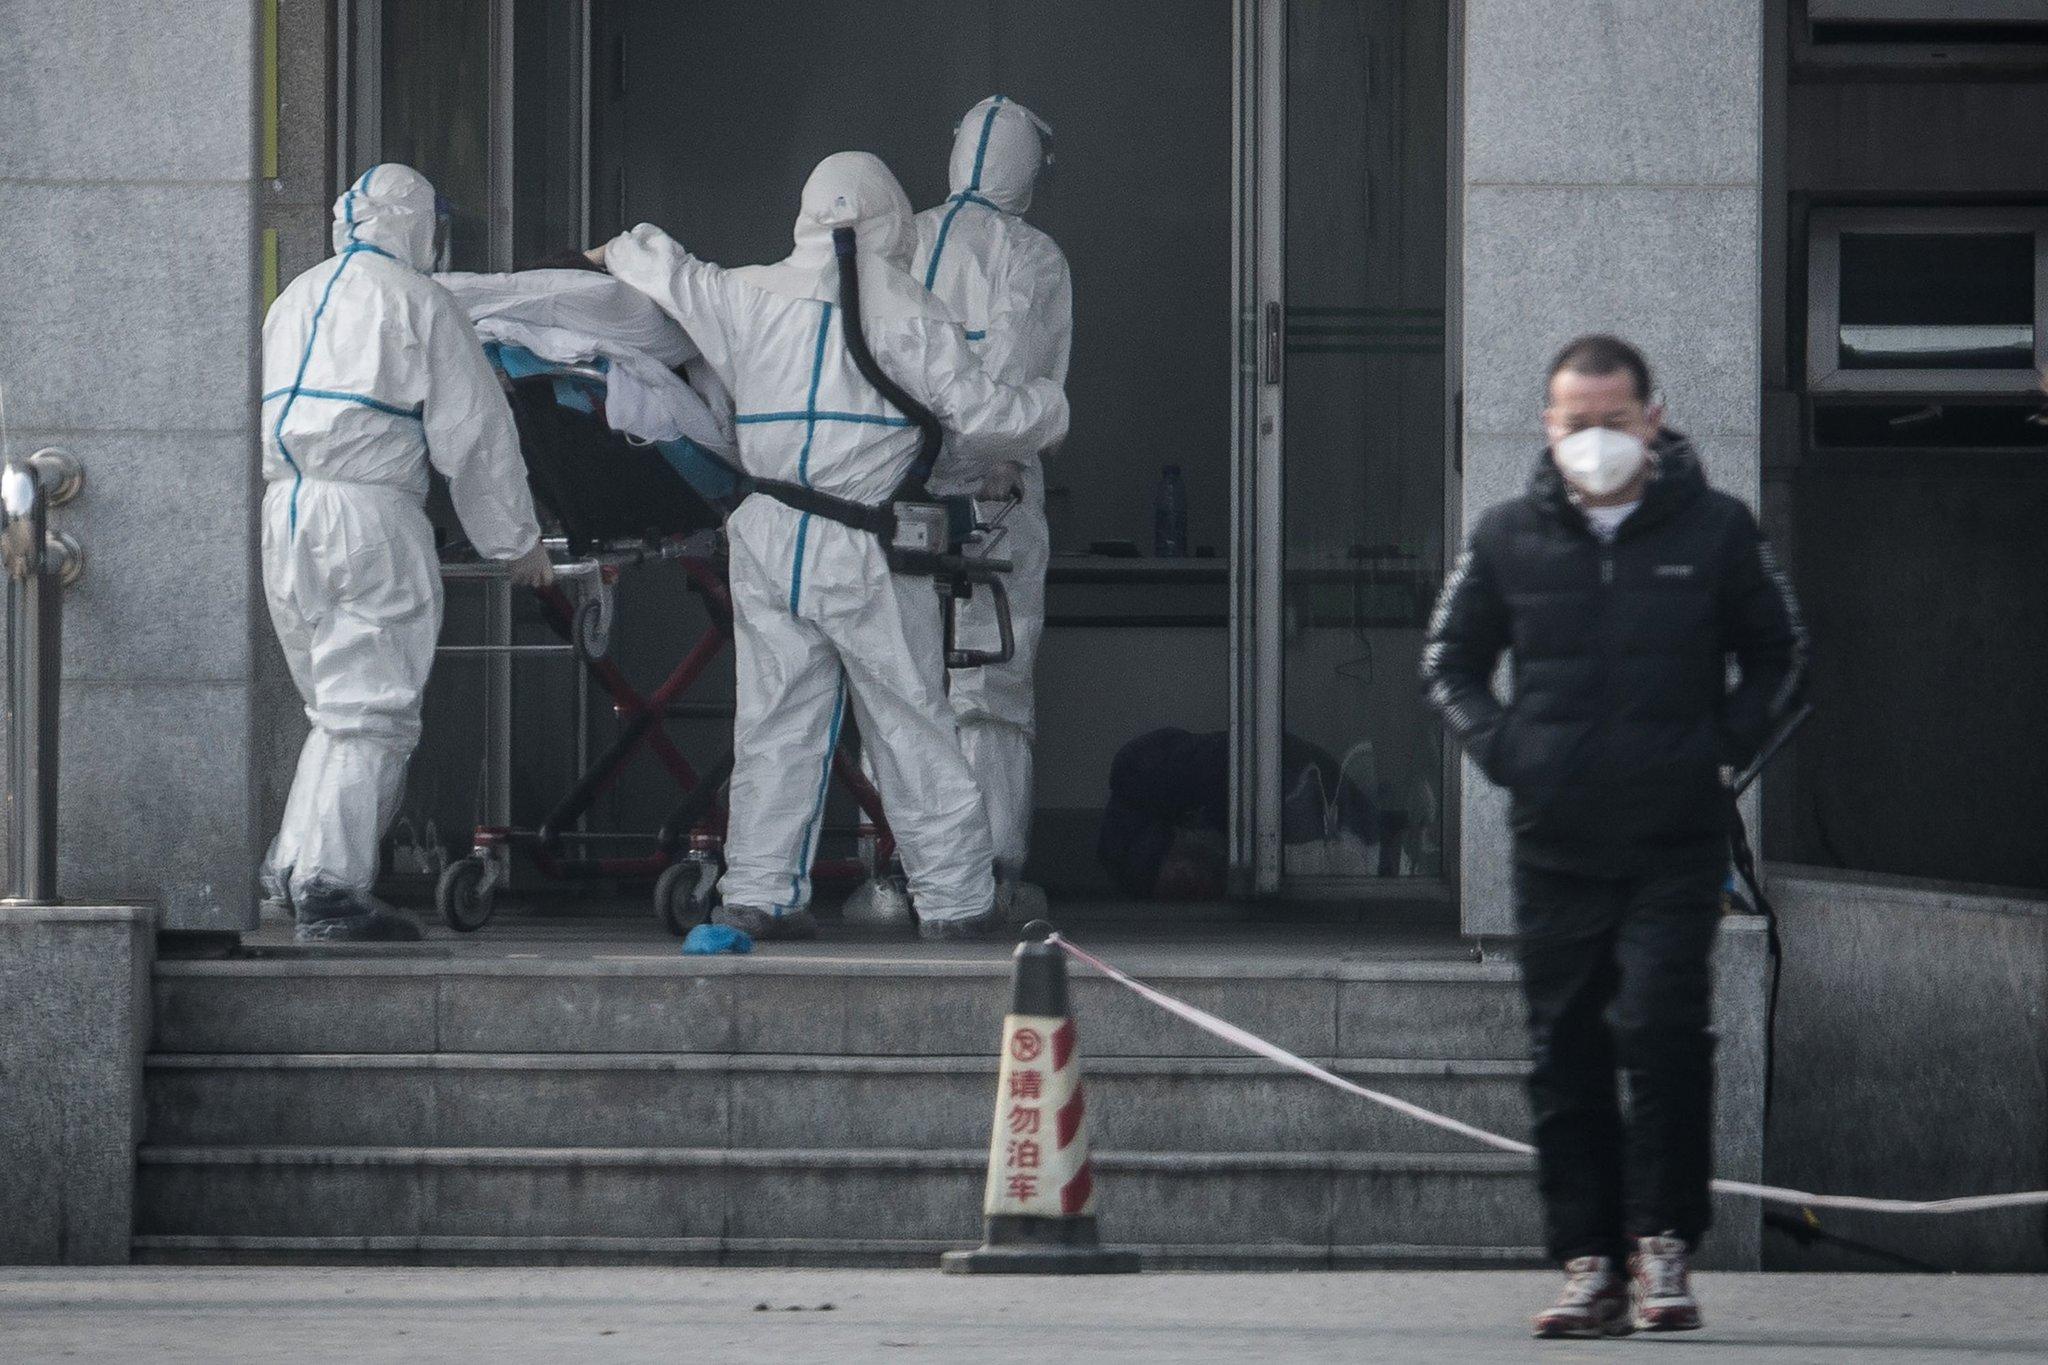 China confirma 6 muertos y 77 nuevos casos del misterioso virus: los contagiados suman casi 300